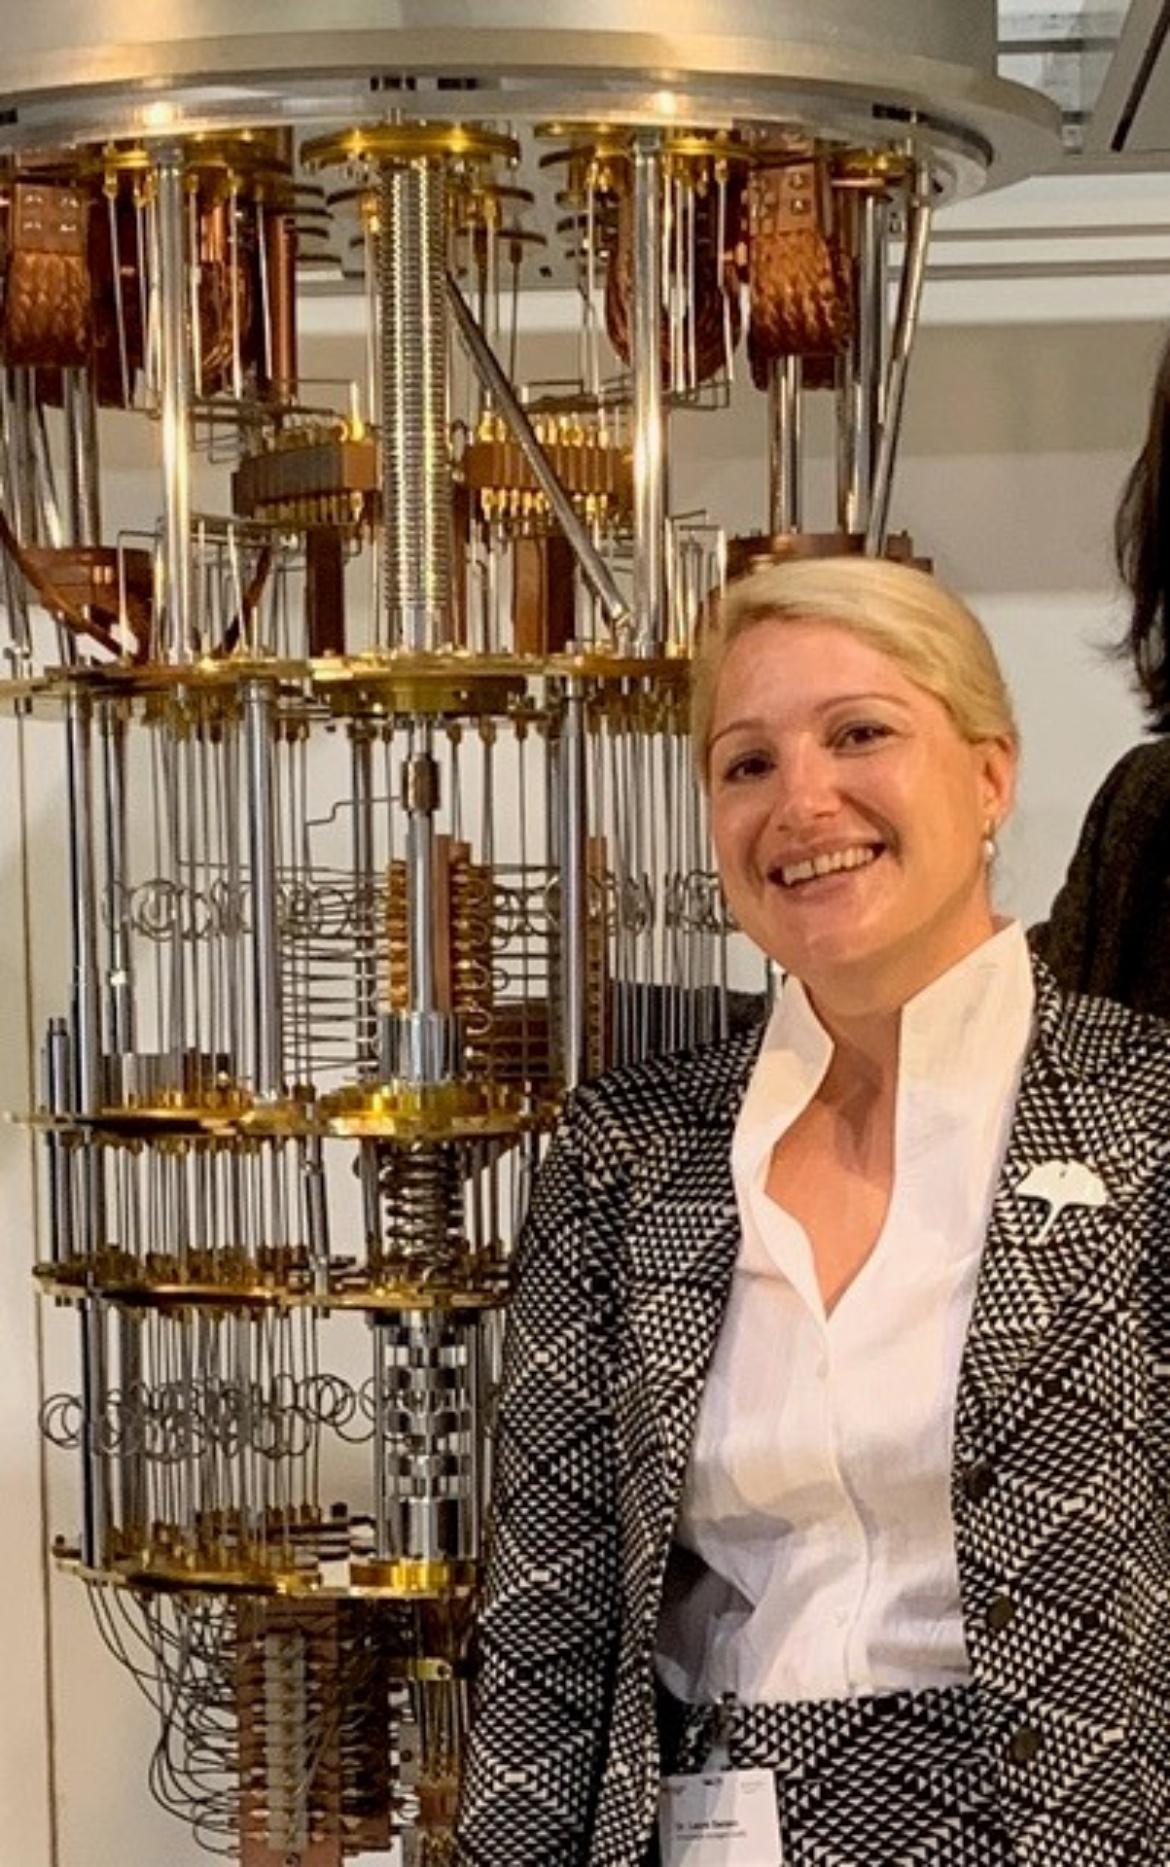 Johanna Barzen